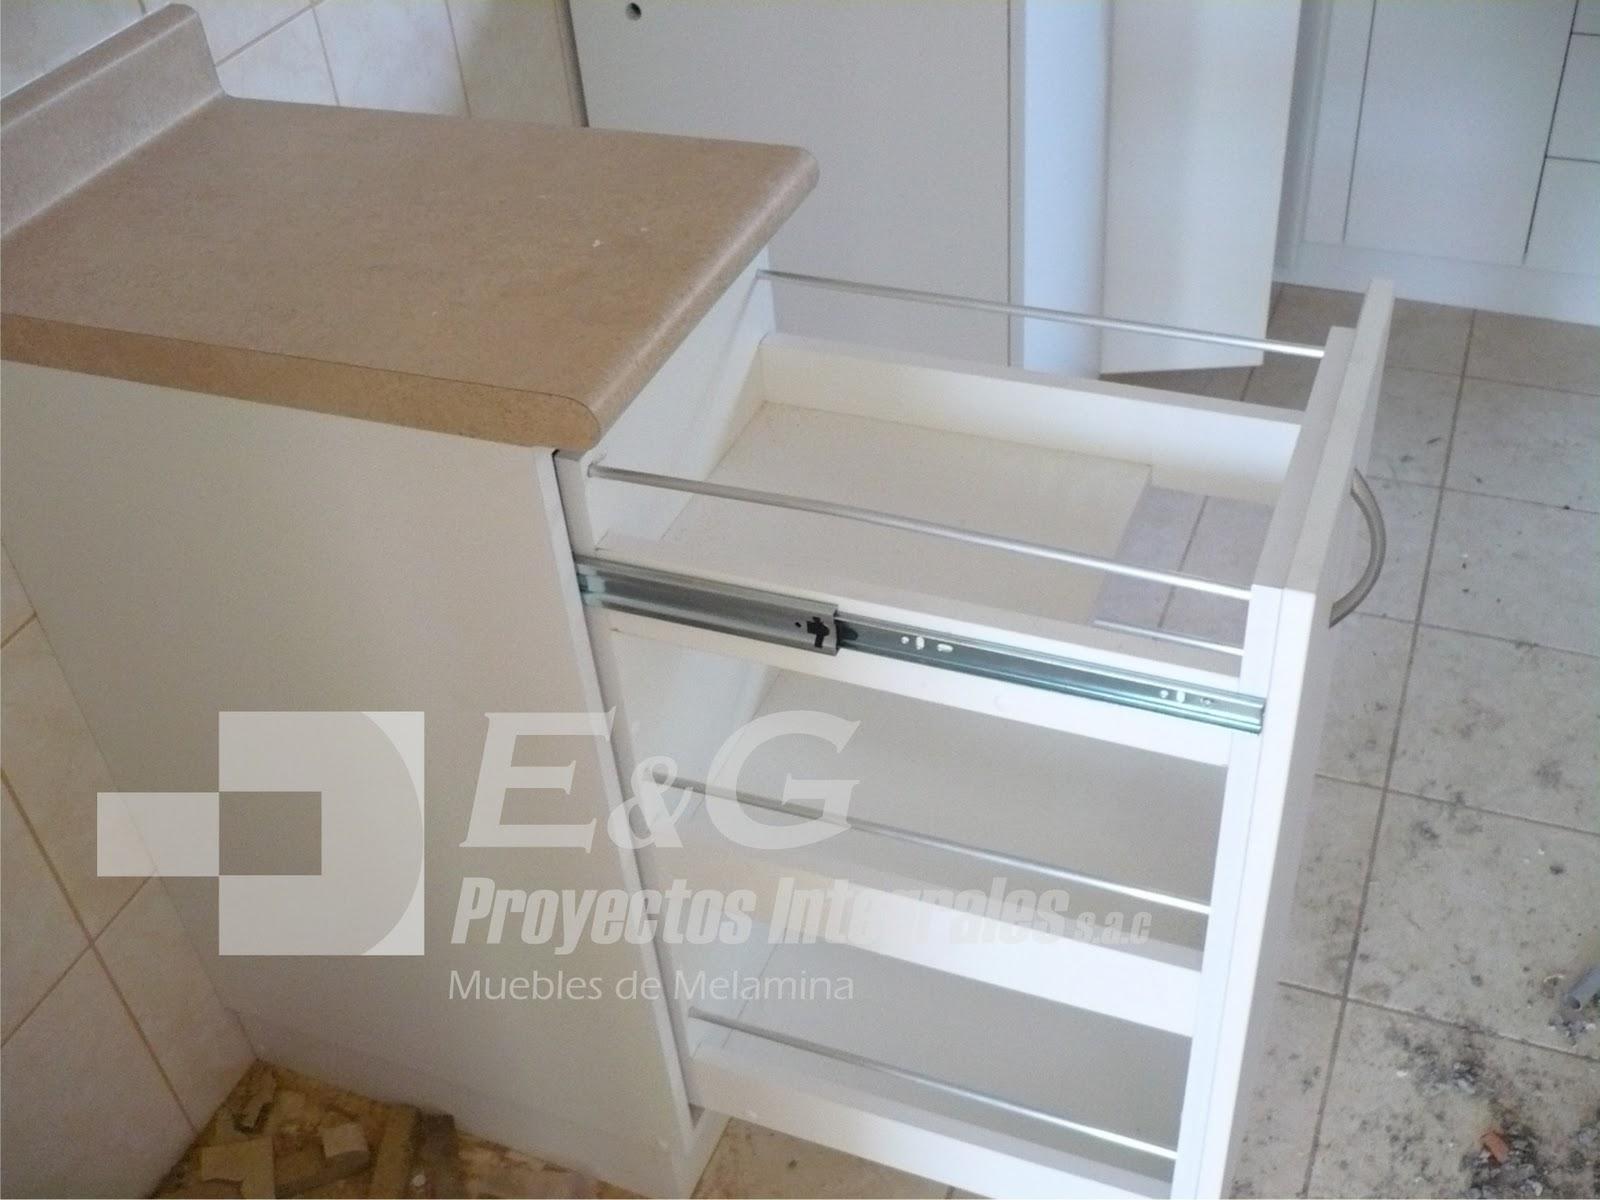 E y g proyectos integrales muebles en melamina aluminio - Puertas de melamina ...